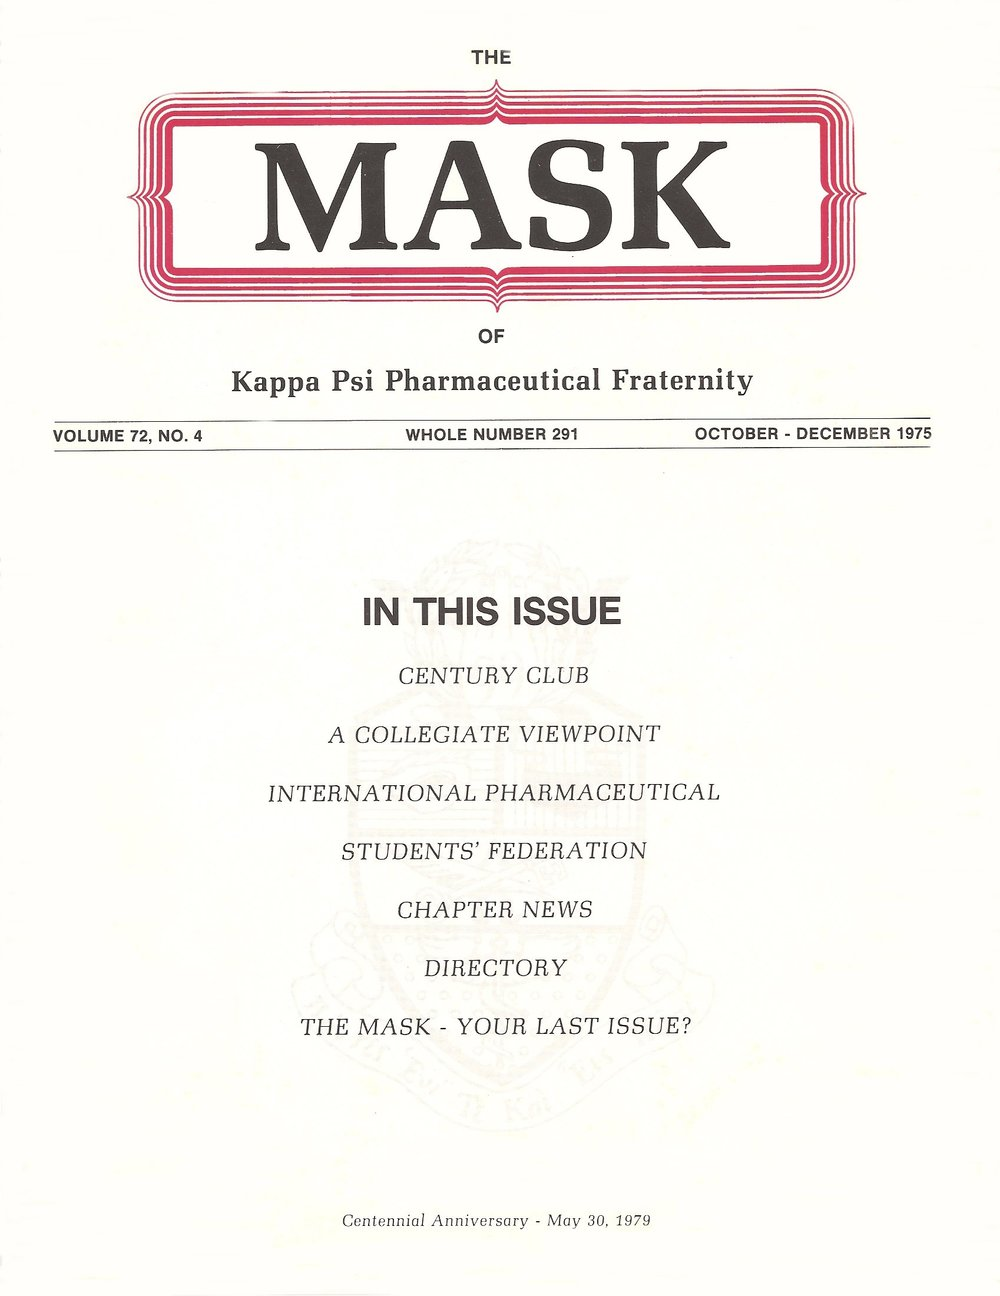 mask_cover_09_1975.jpg